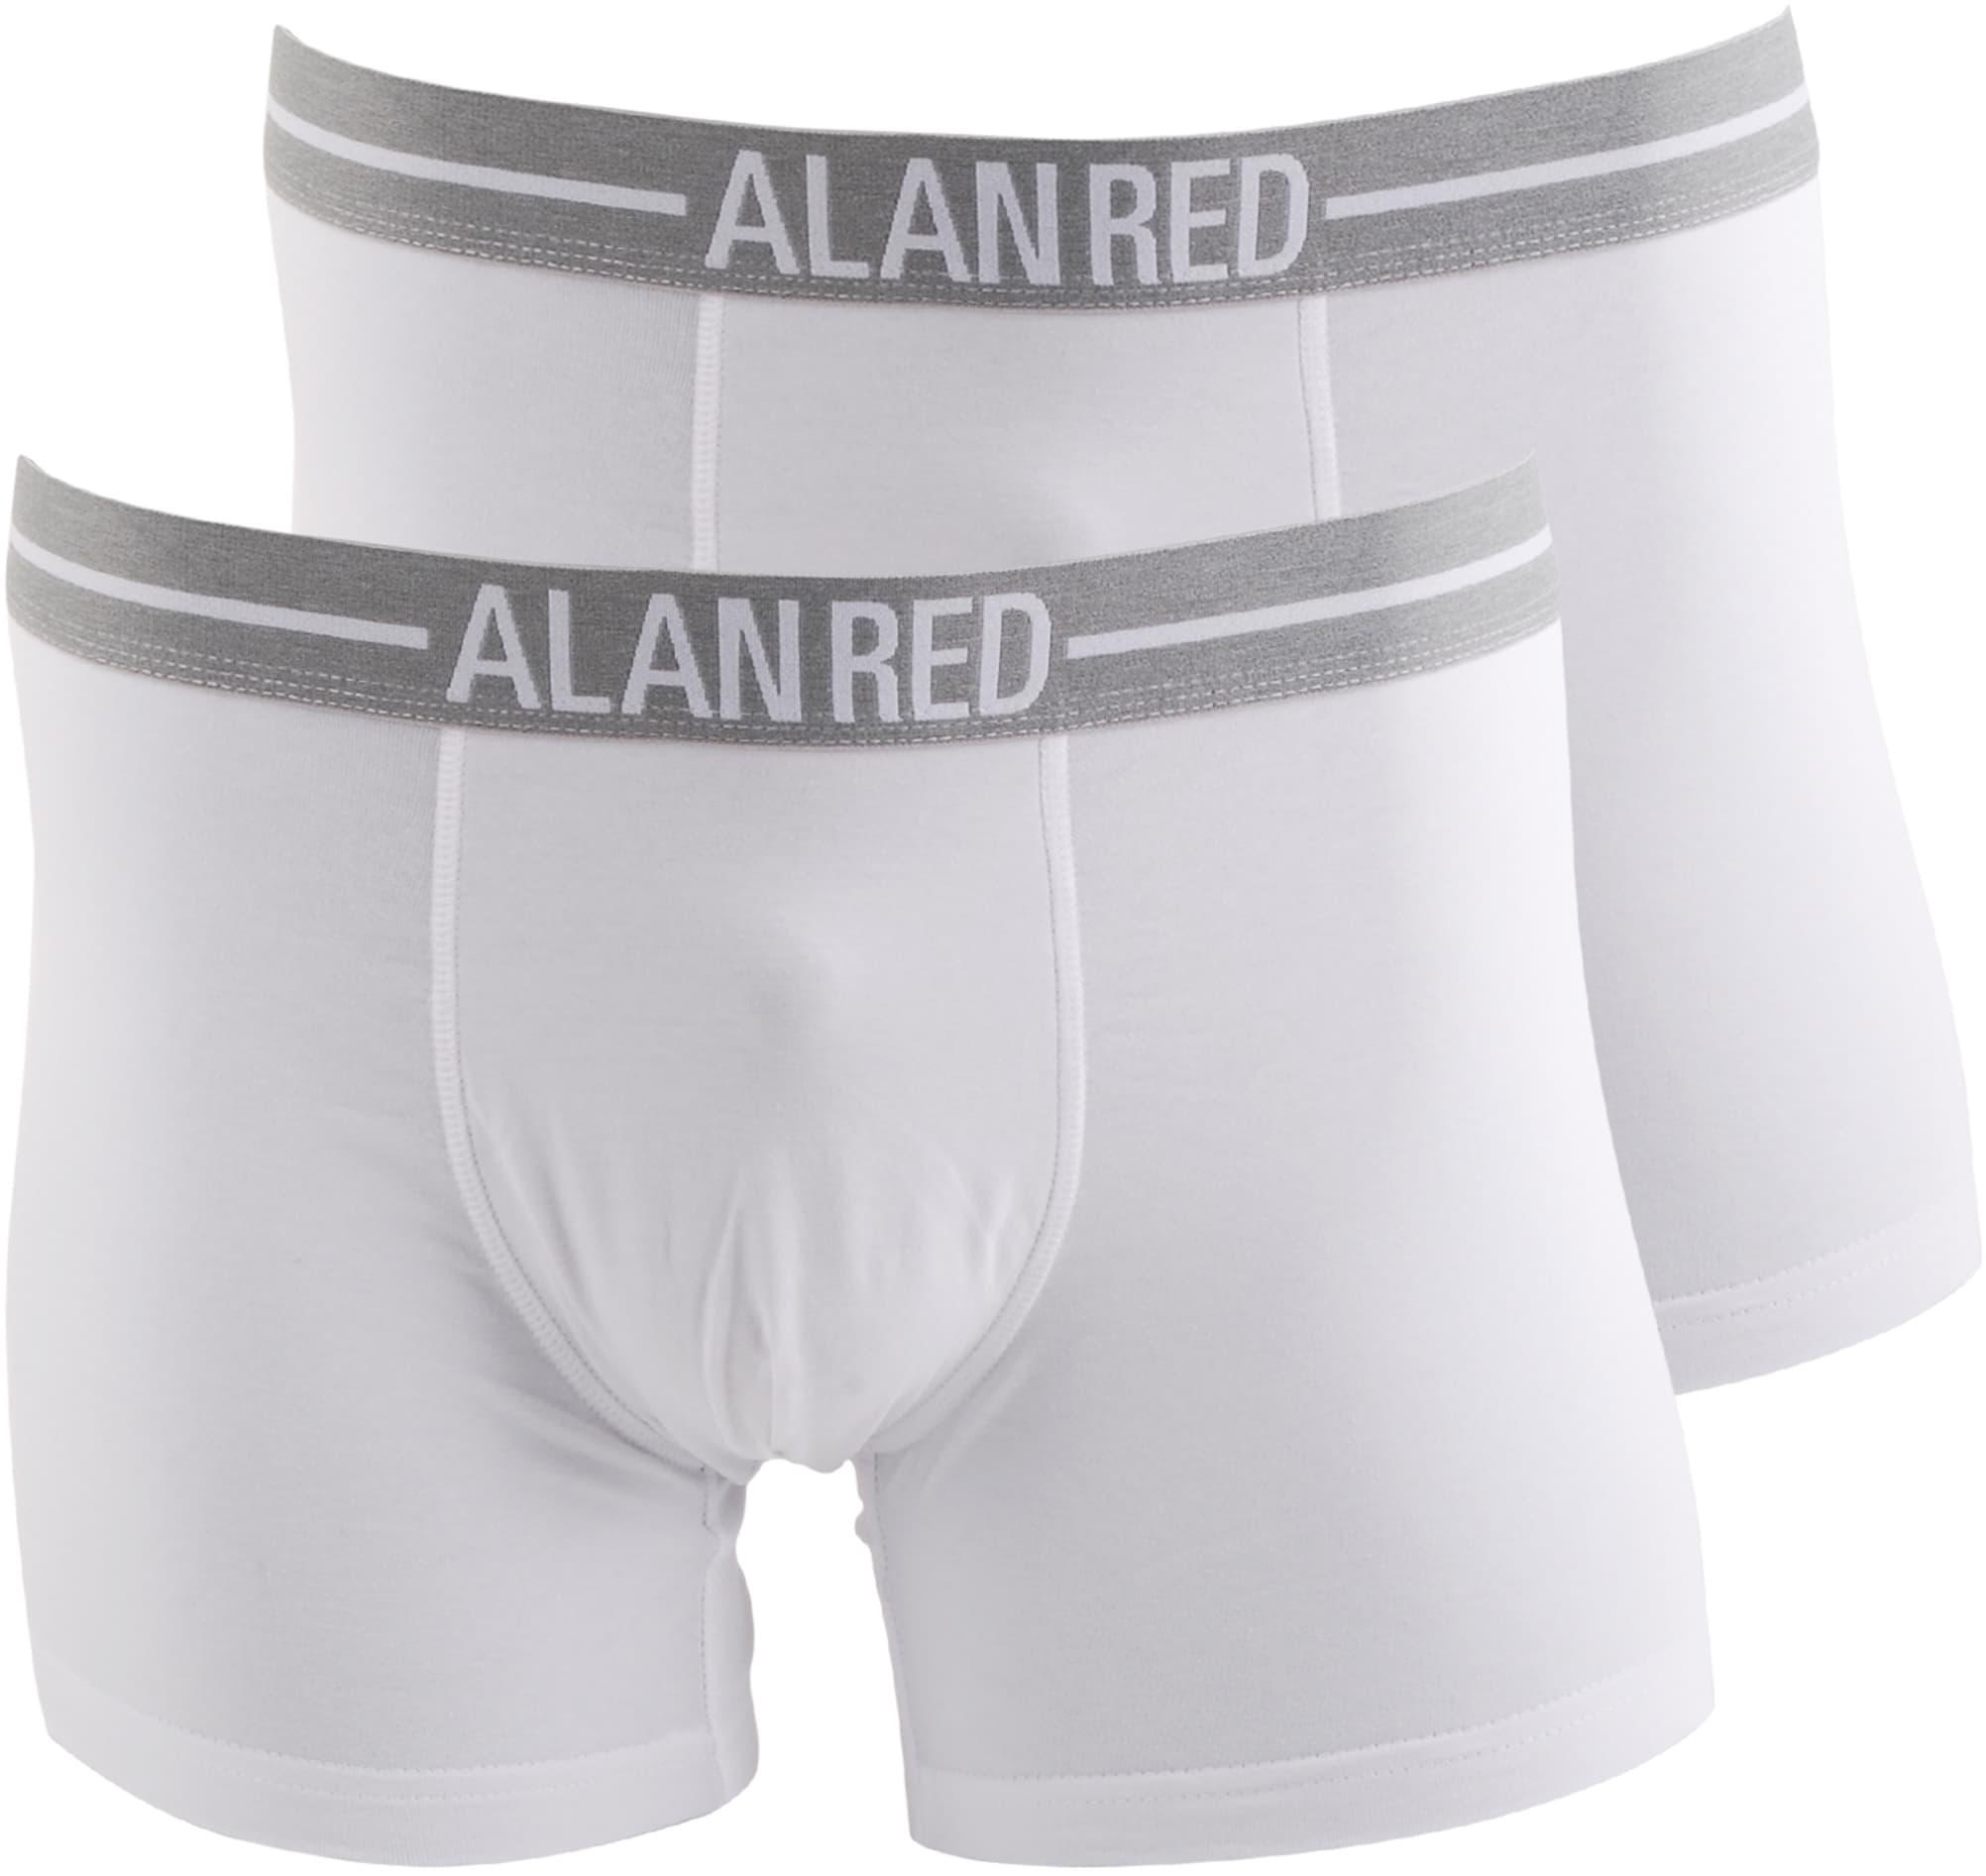 Alan Red Boxershorts Weiß 2er-Pack foto 0